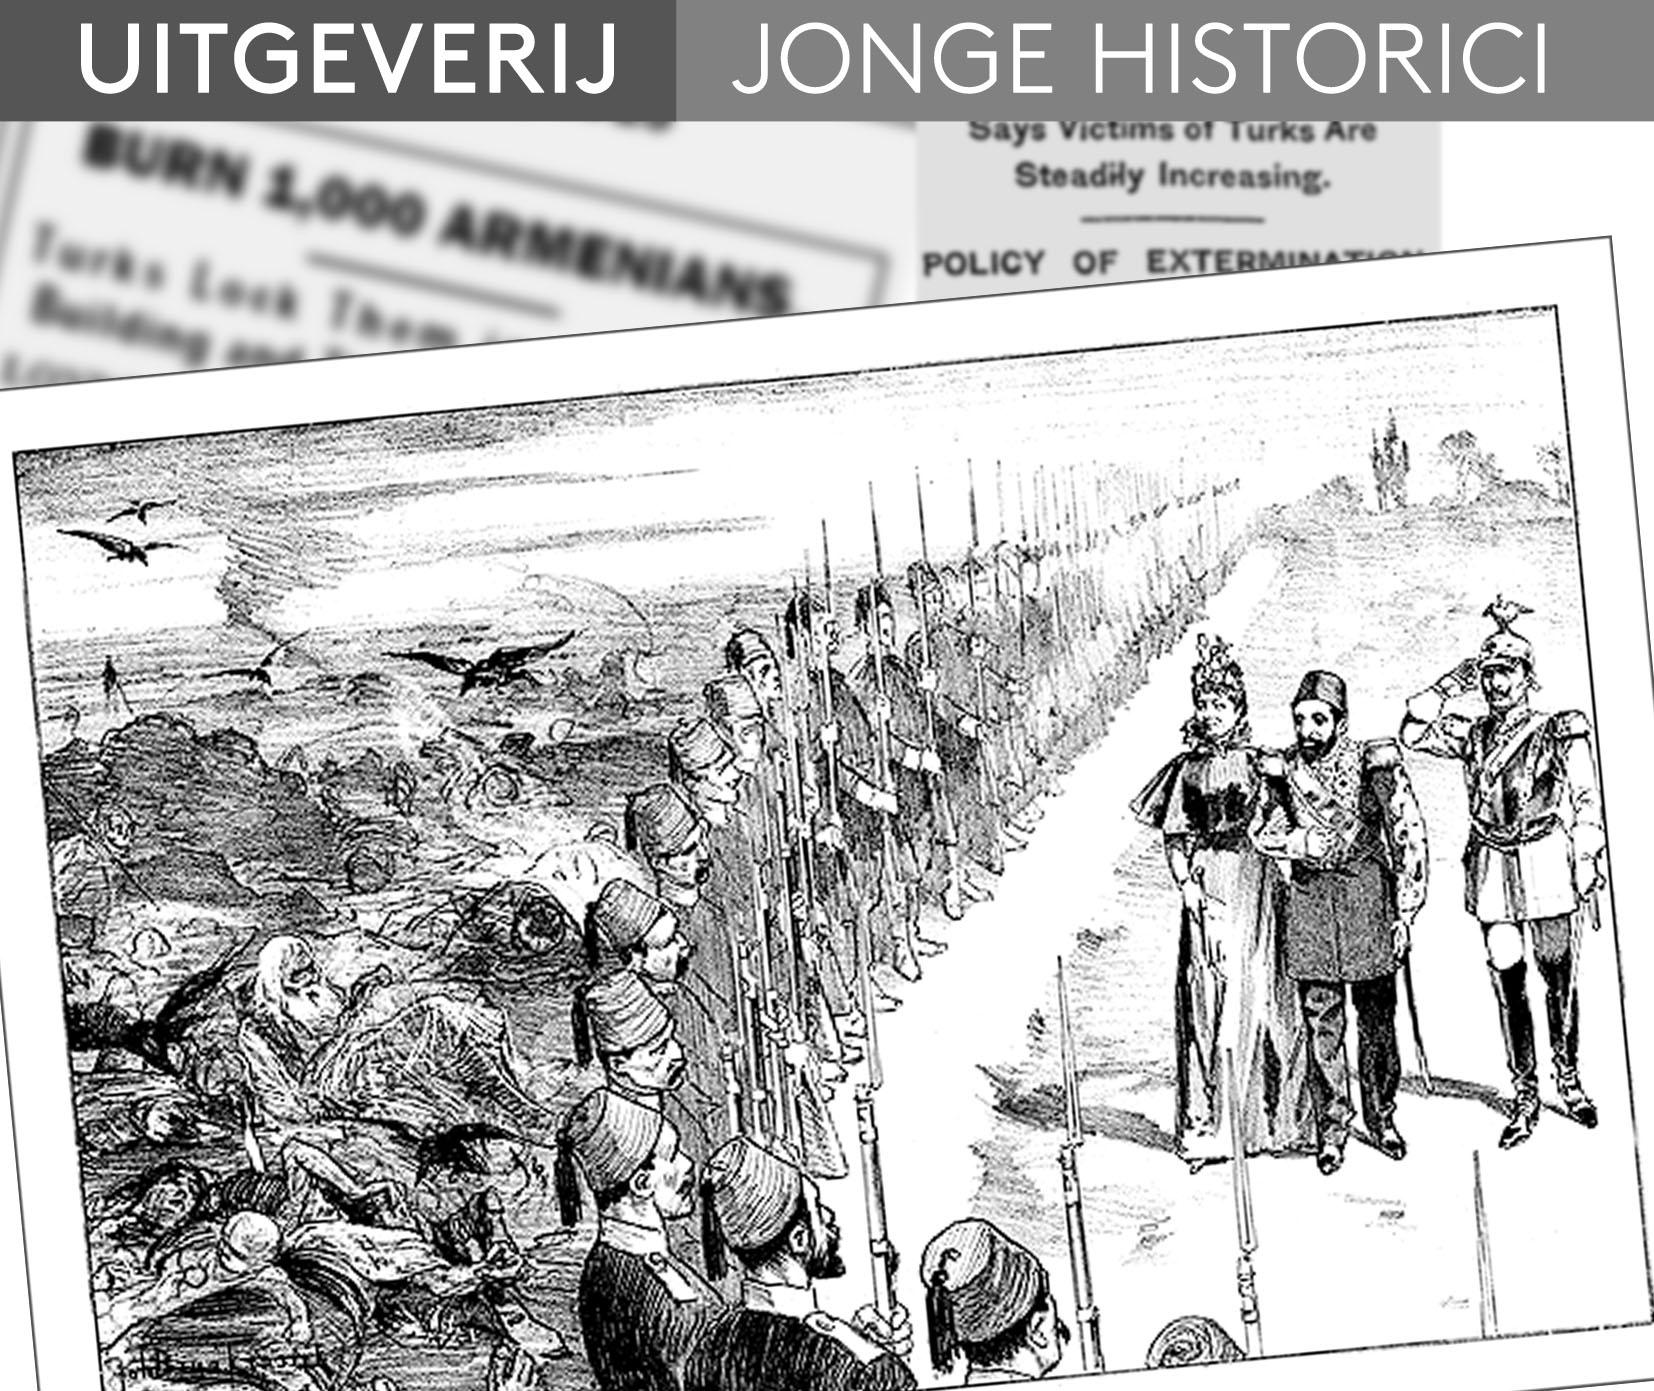 Marieke Heusinkveld, Duitsland en de Armeense genocide